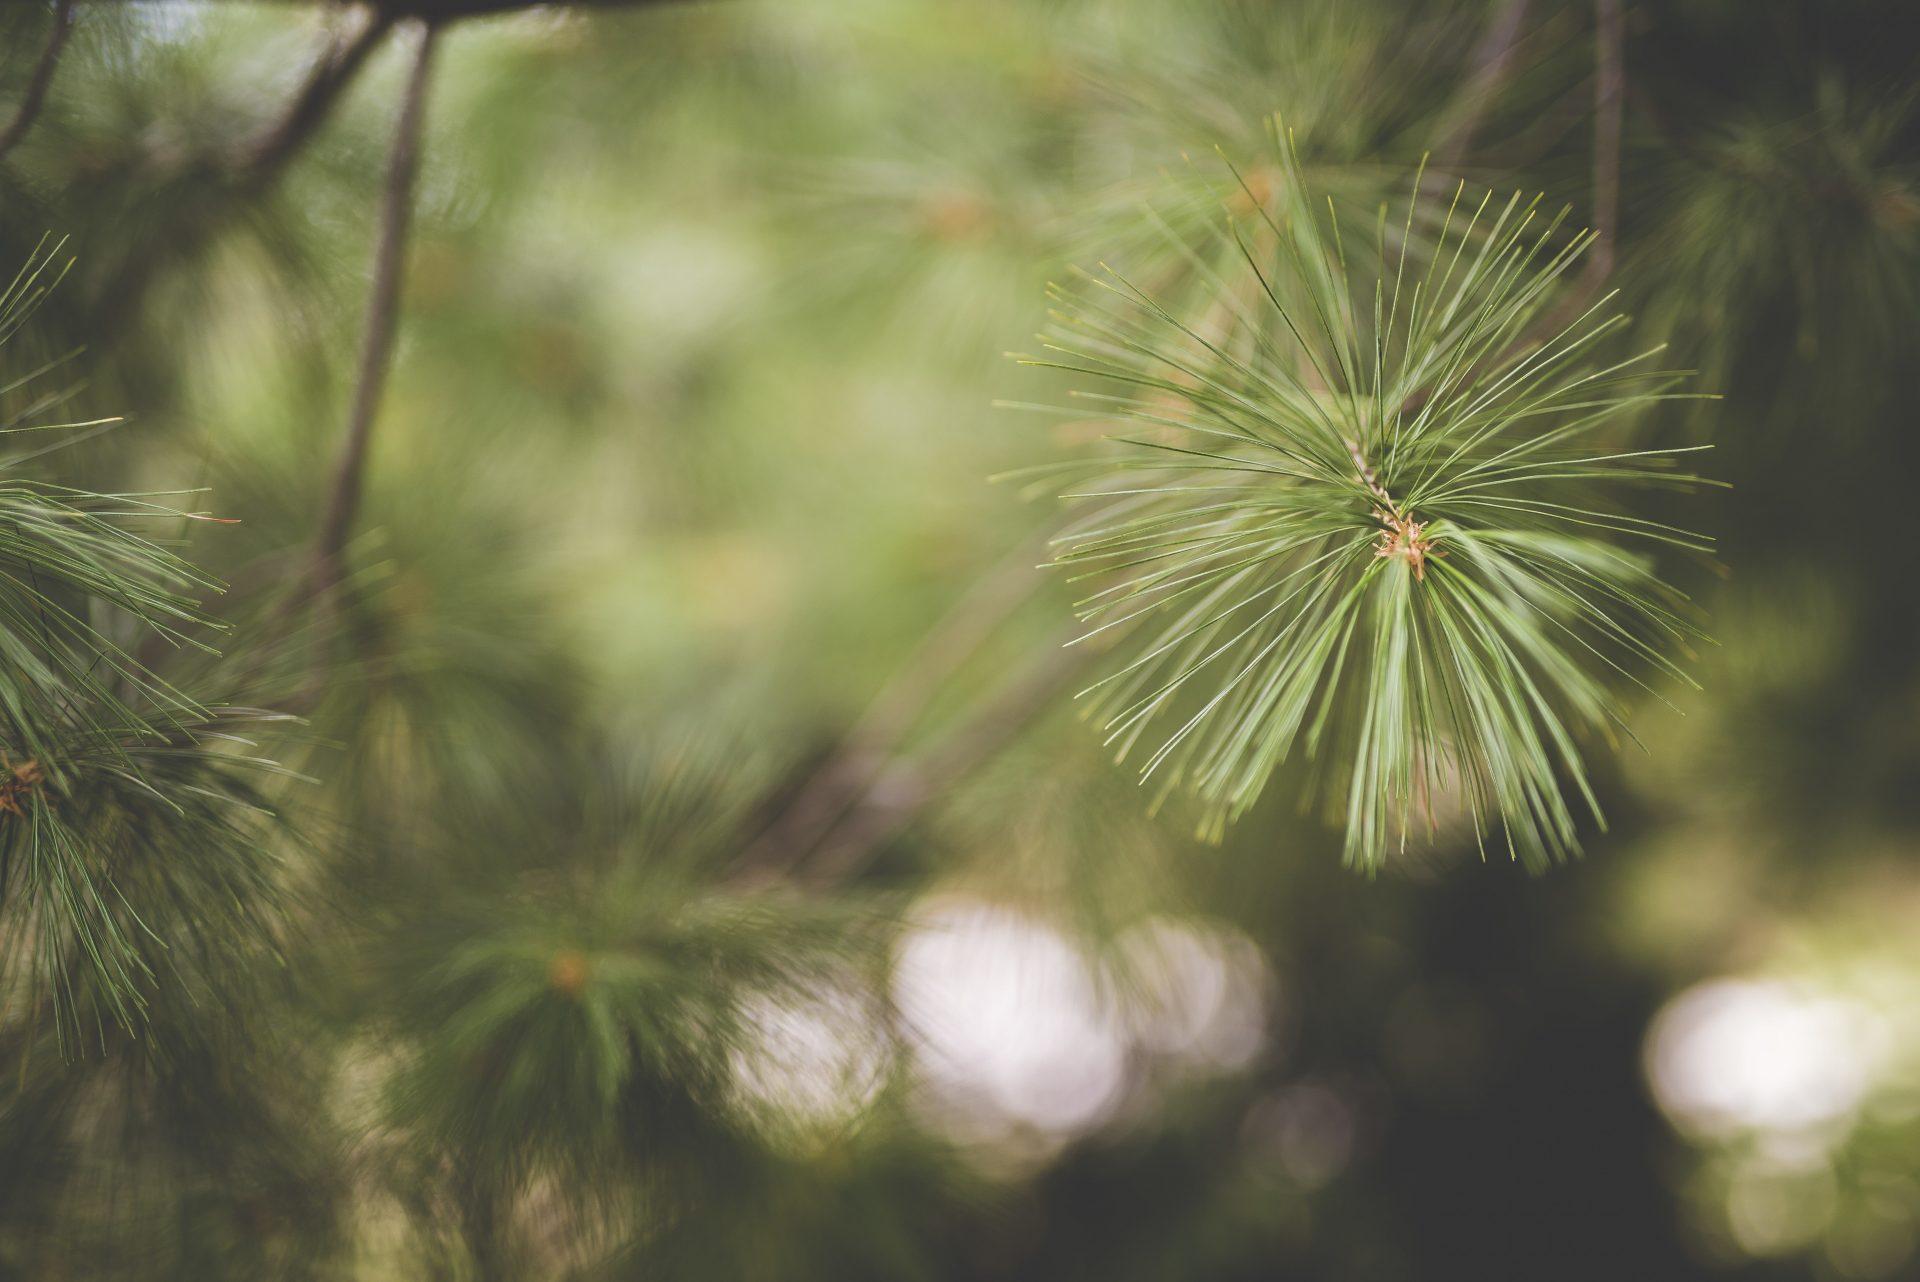 borovica-ihlicie-konar-strom-les-drevo-priroda